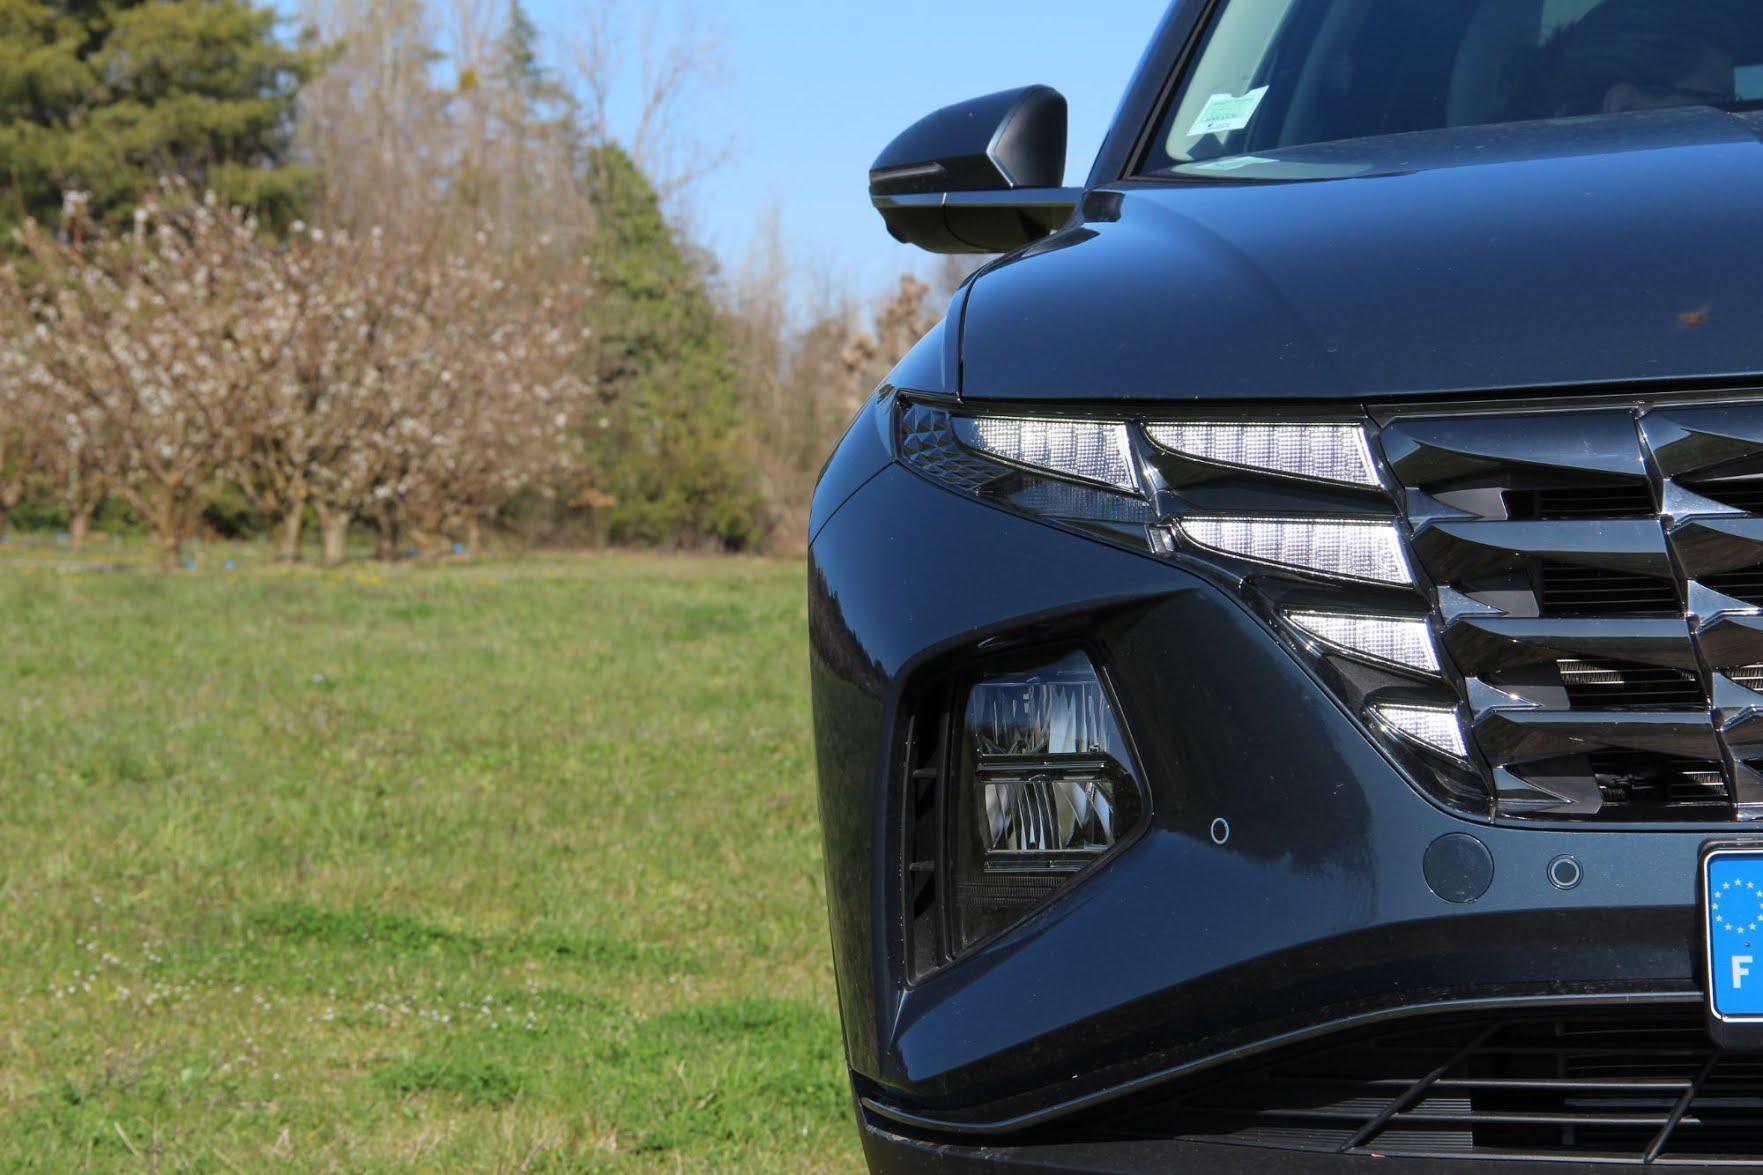 Calandre et phares du Hyundai Tucson